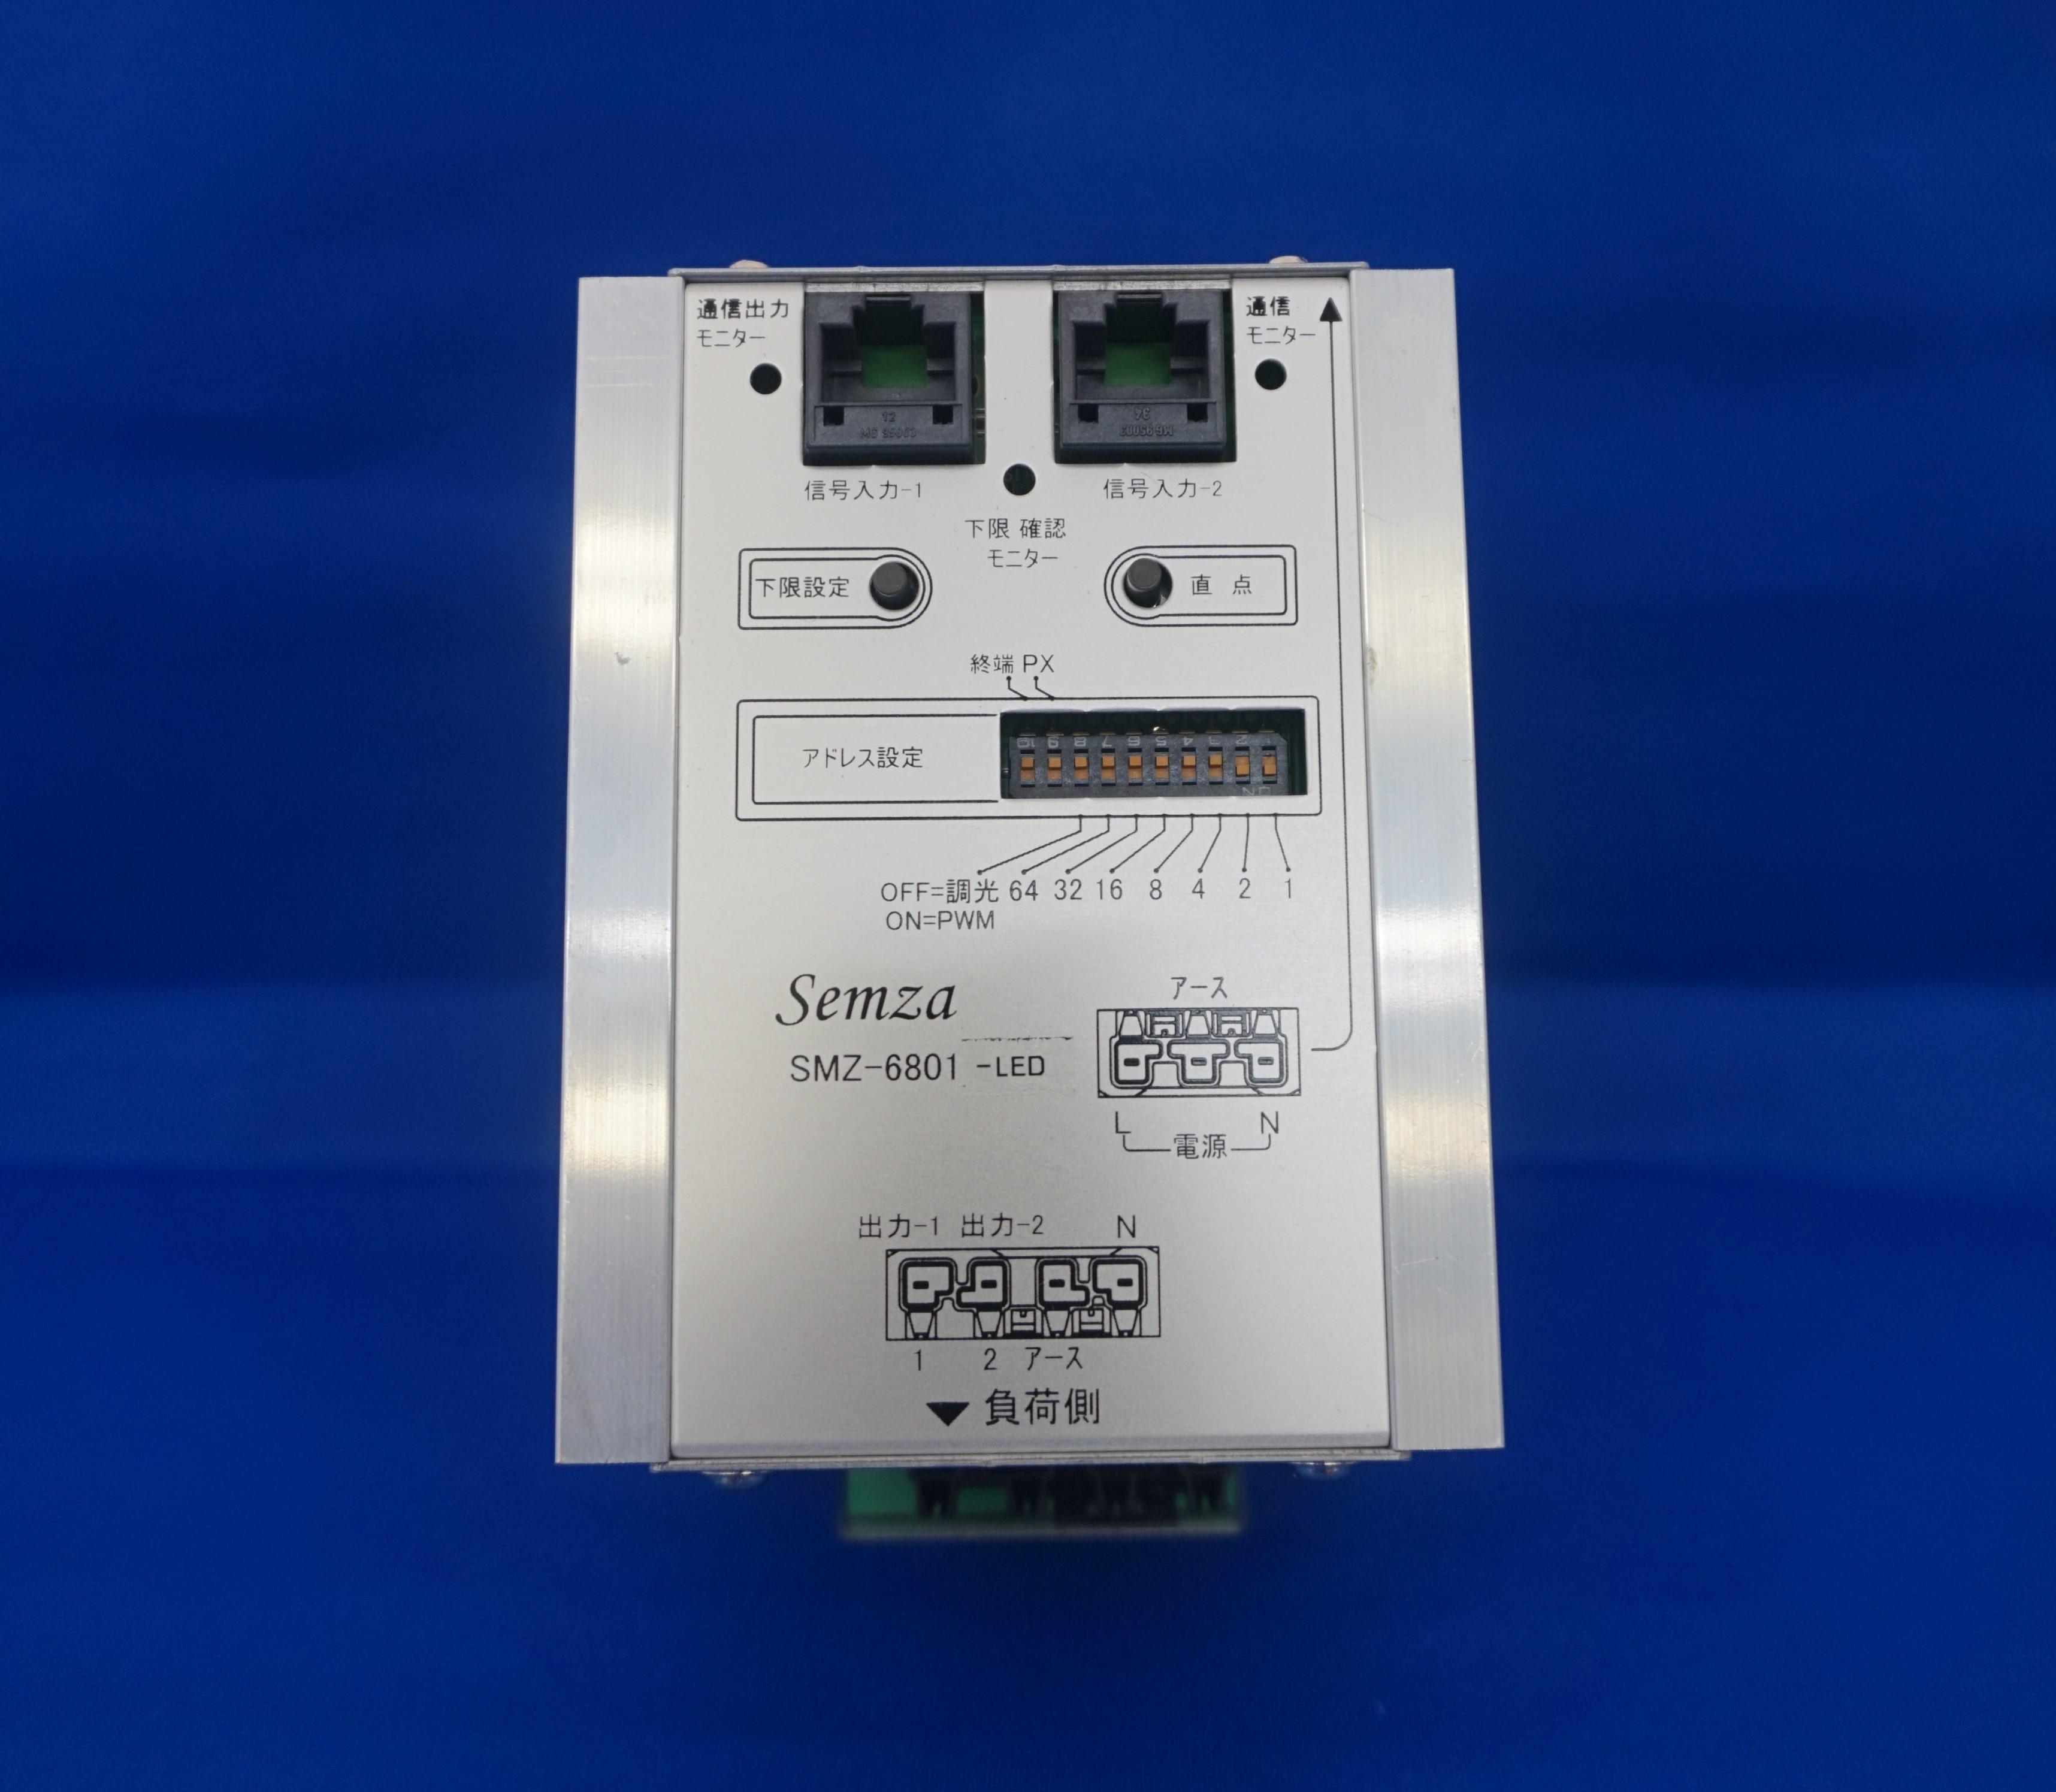 SMZ-6801-LED